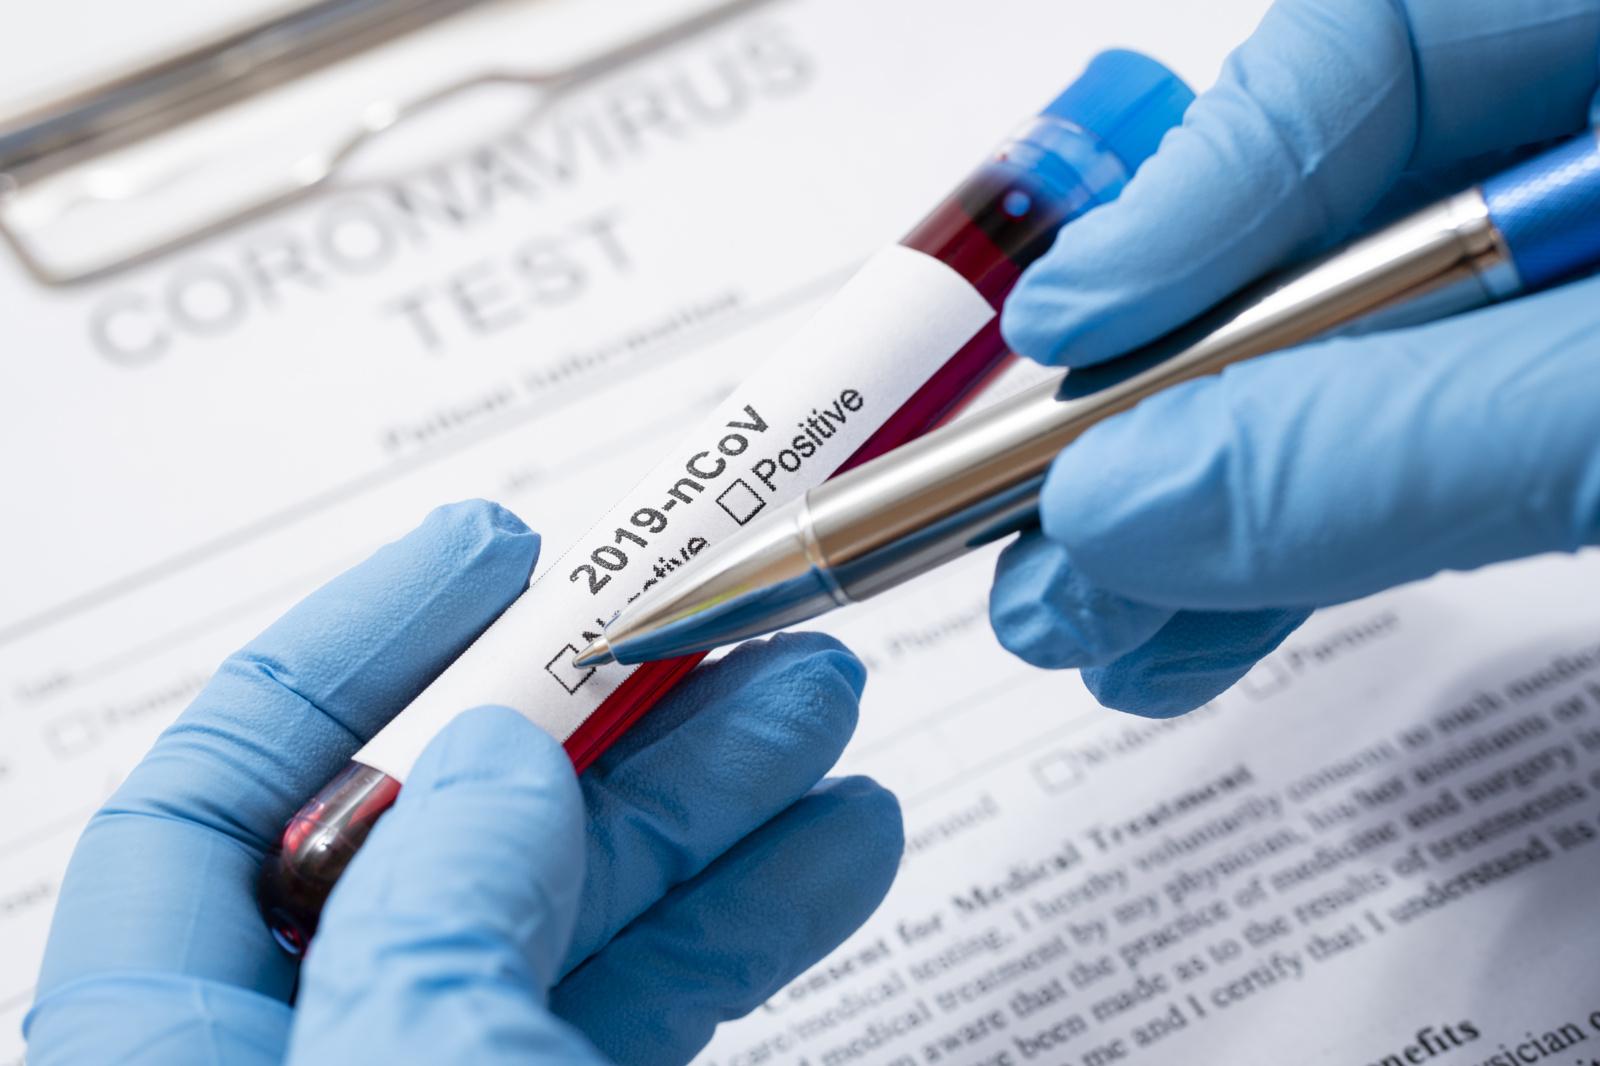 Koronavirusas nustatytas iš Kazachstano į Lietuvą grįžusiam medicinos darbuotojui